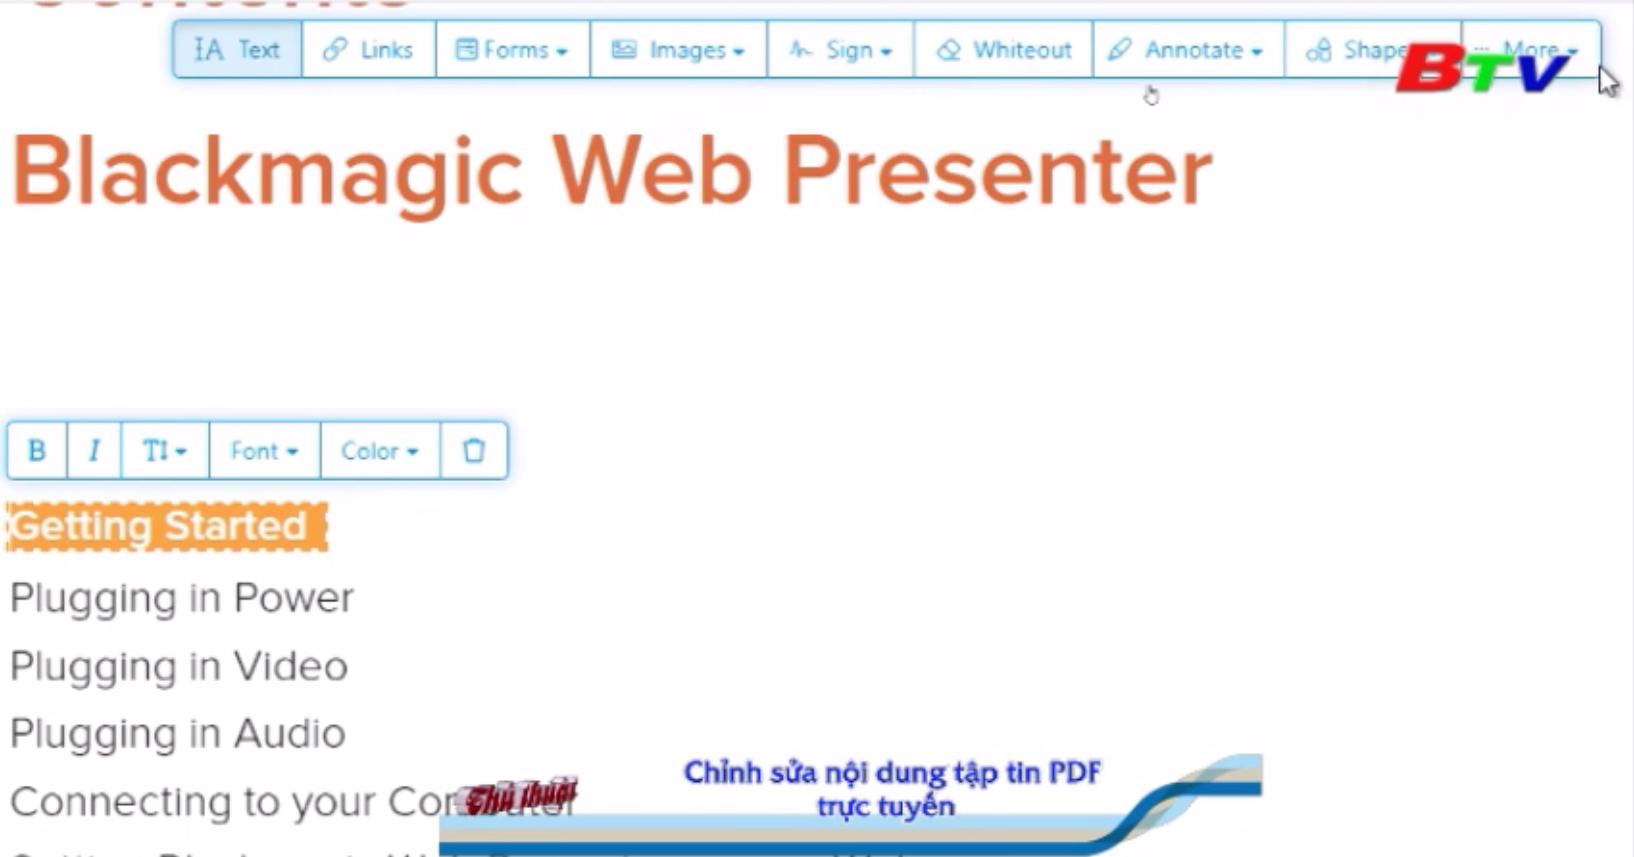 Chỉnh sửa nội dung tập tin PDF trực tuyến